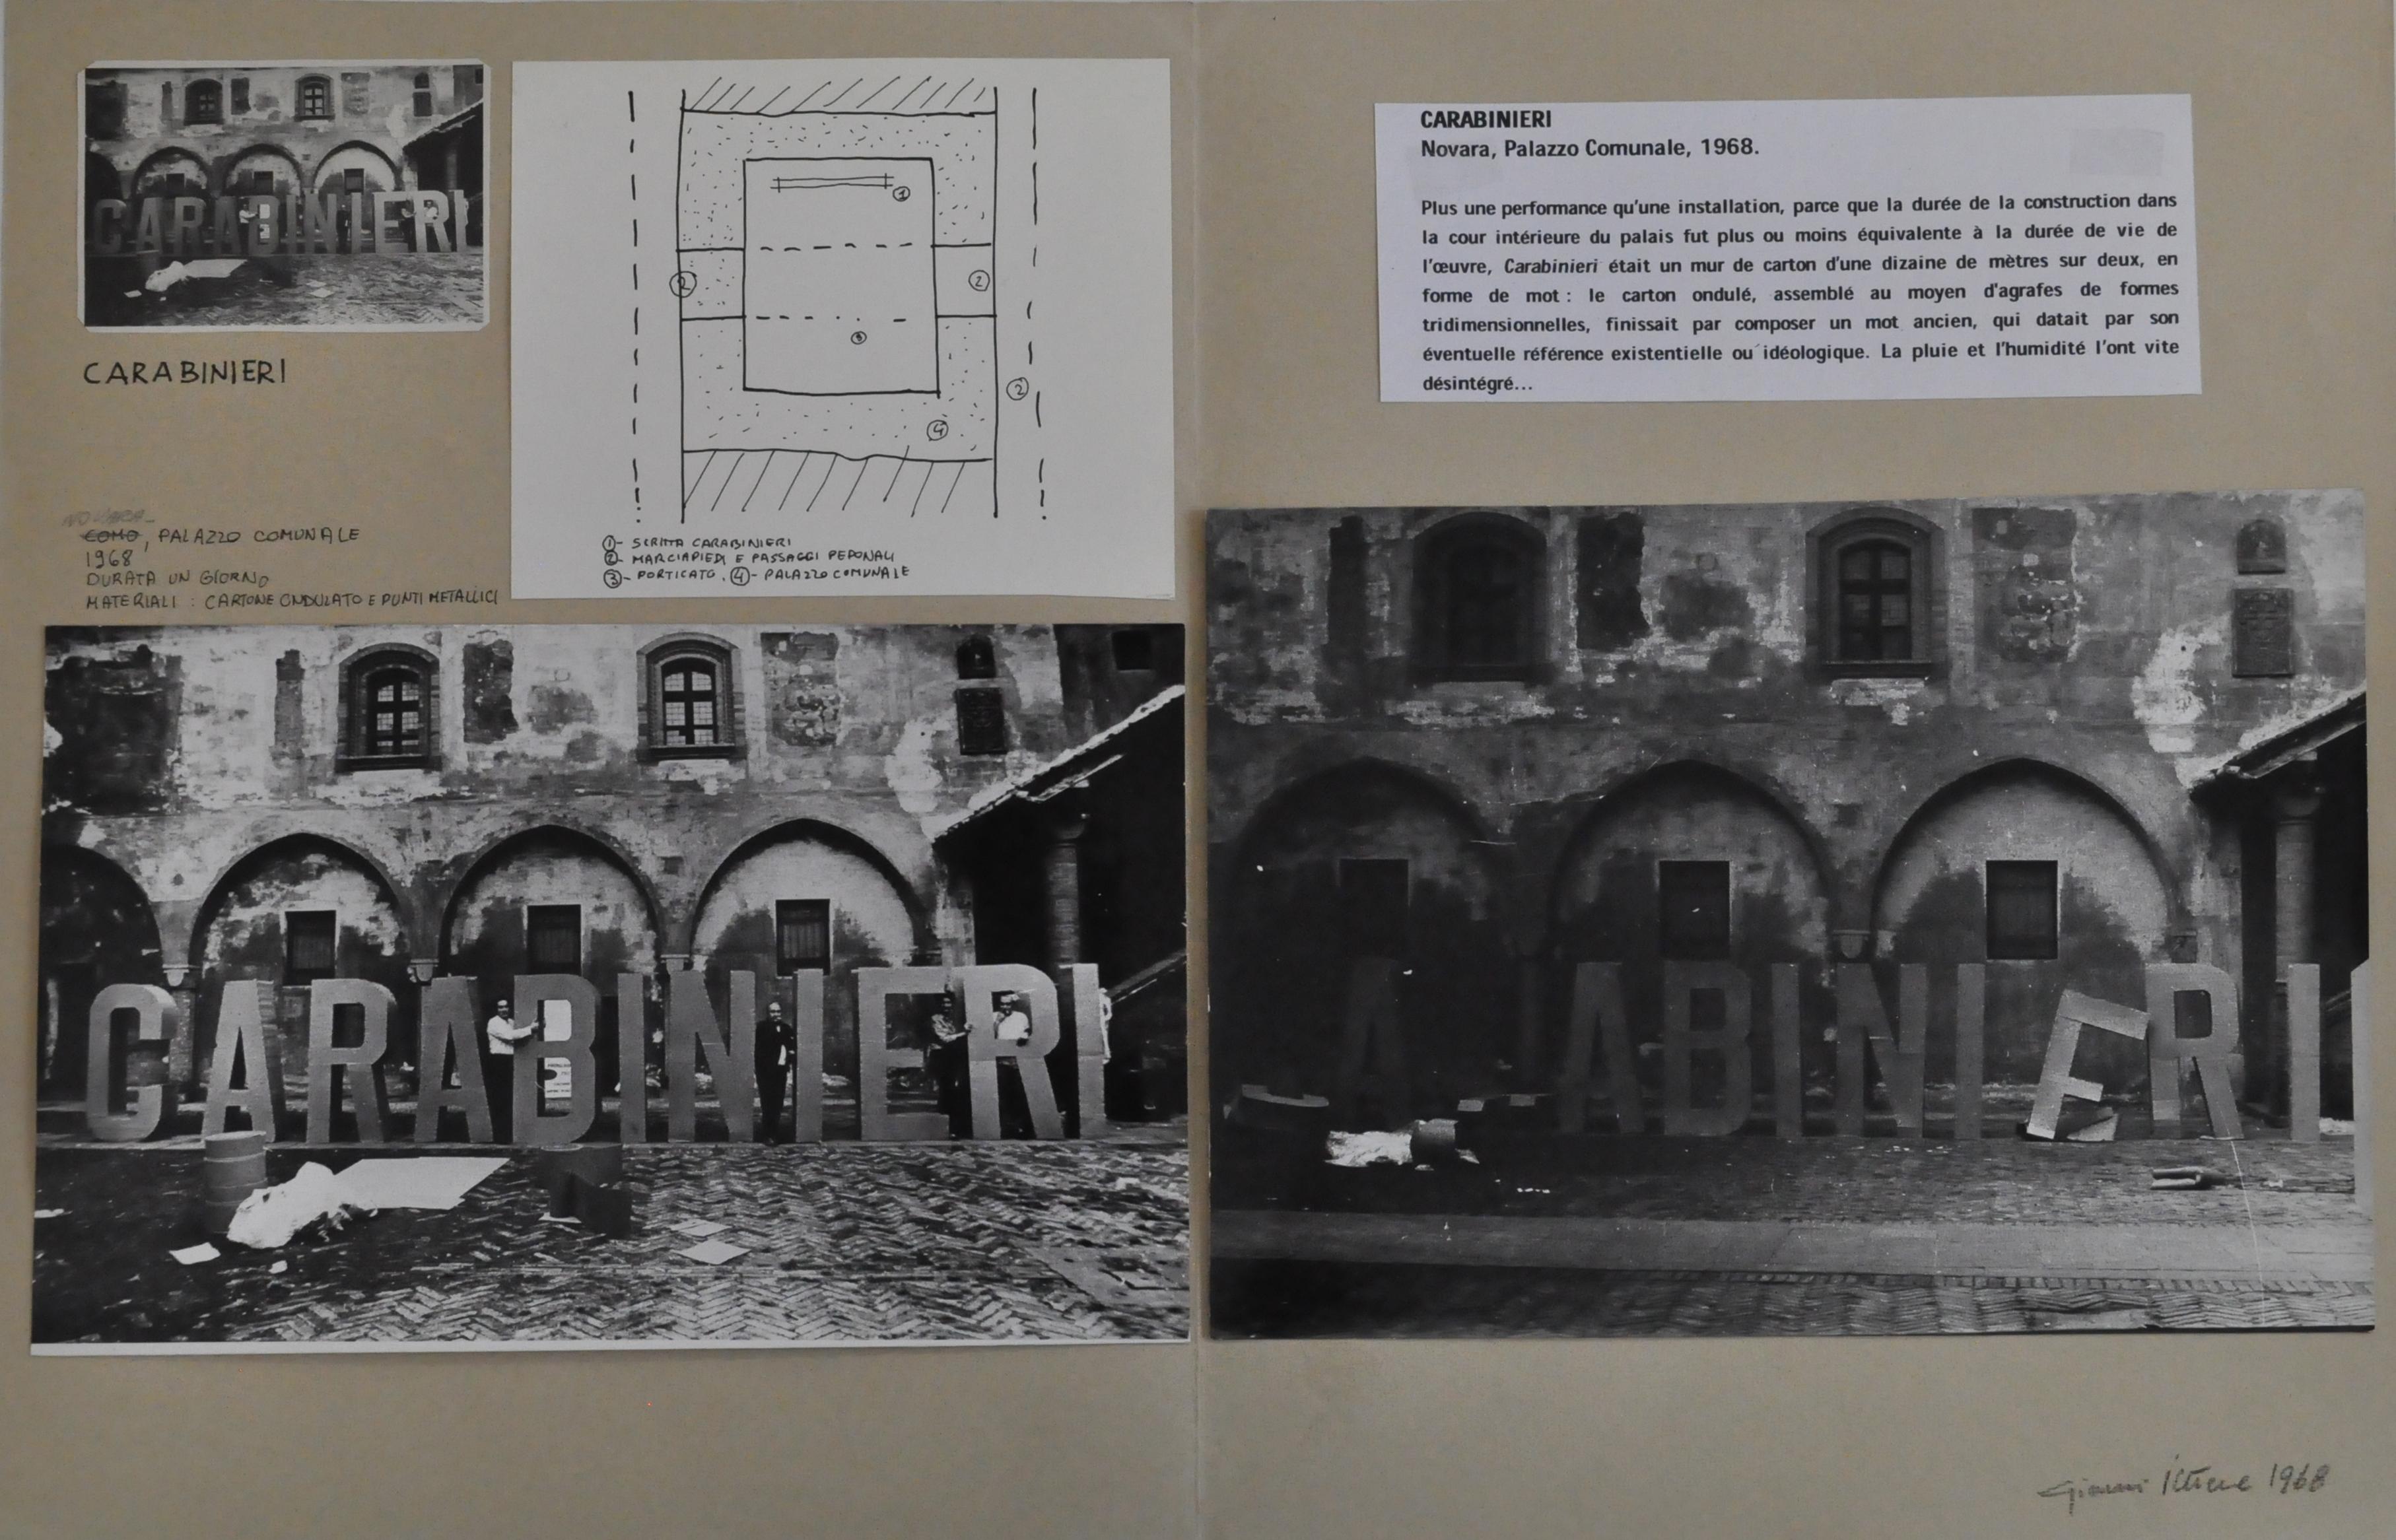 Gianni Pettena, Carabinieri, 1968, composizione di tre foto un disegno e testo esplicativo incollati su cartoncino, 33 x 50 cm, Courtesy l'artista e Galleria Giovanni Bonelli, Milano